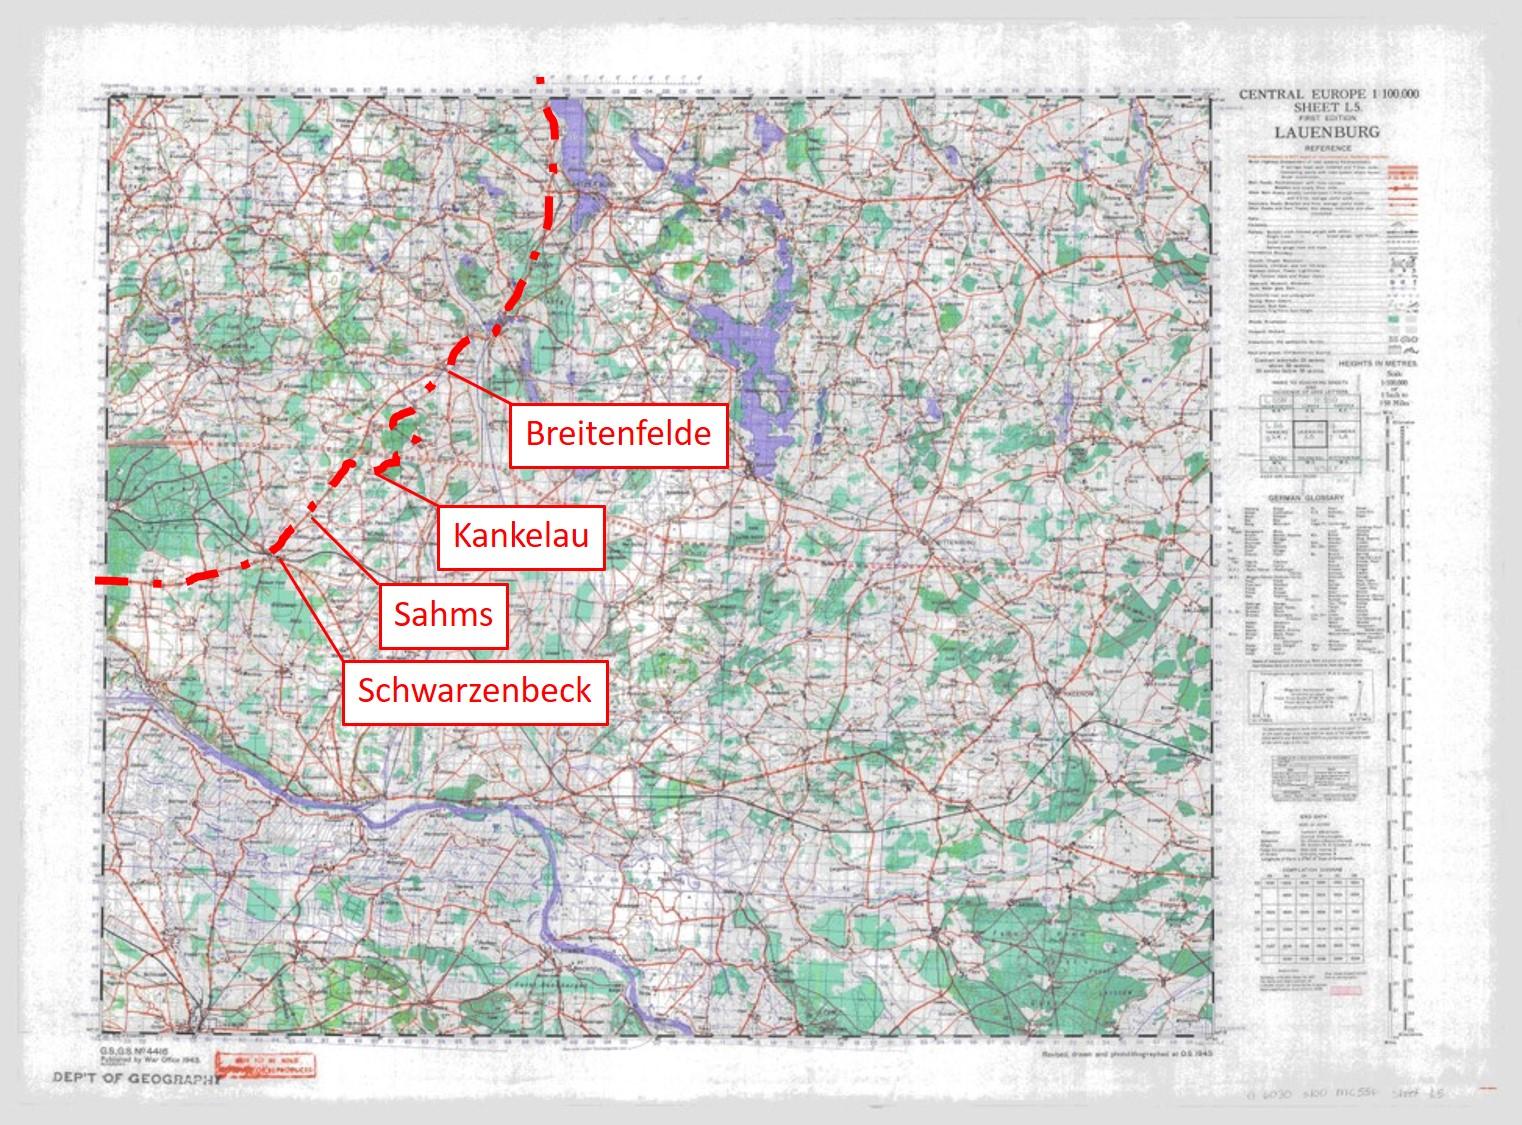 062A - GSGS-4416-Lauenburg